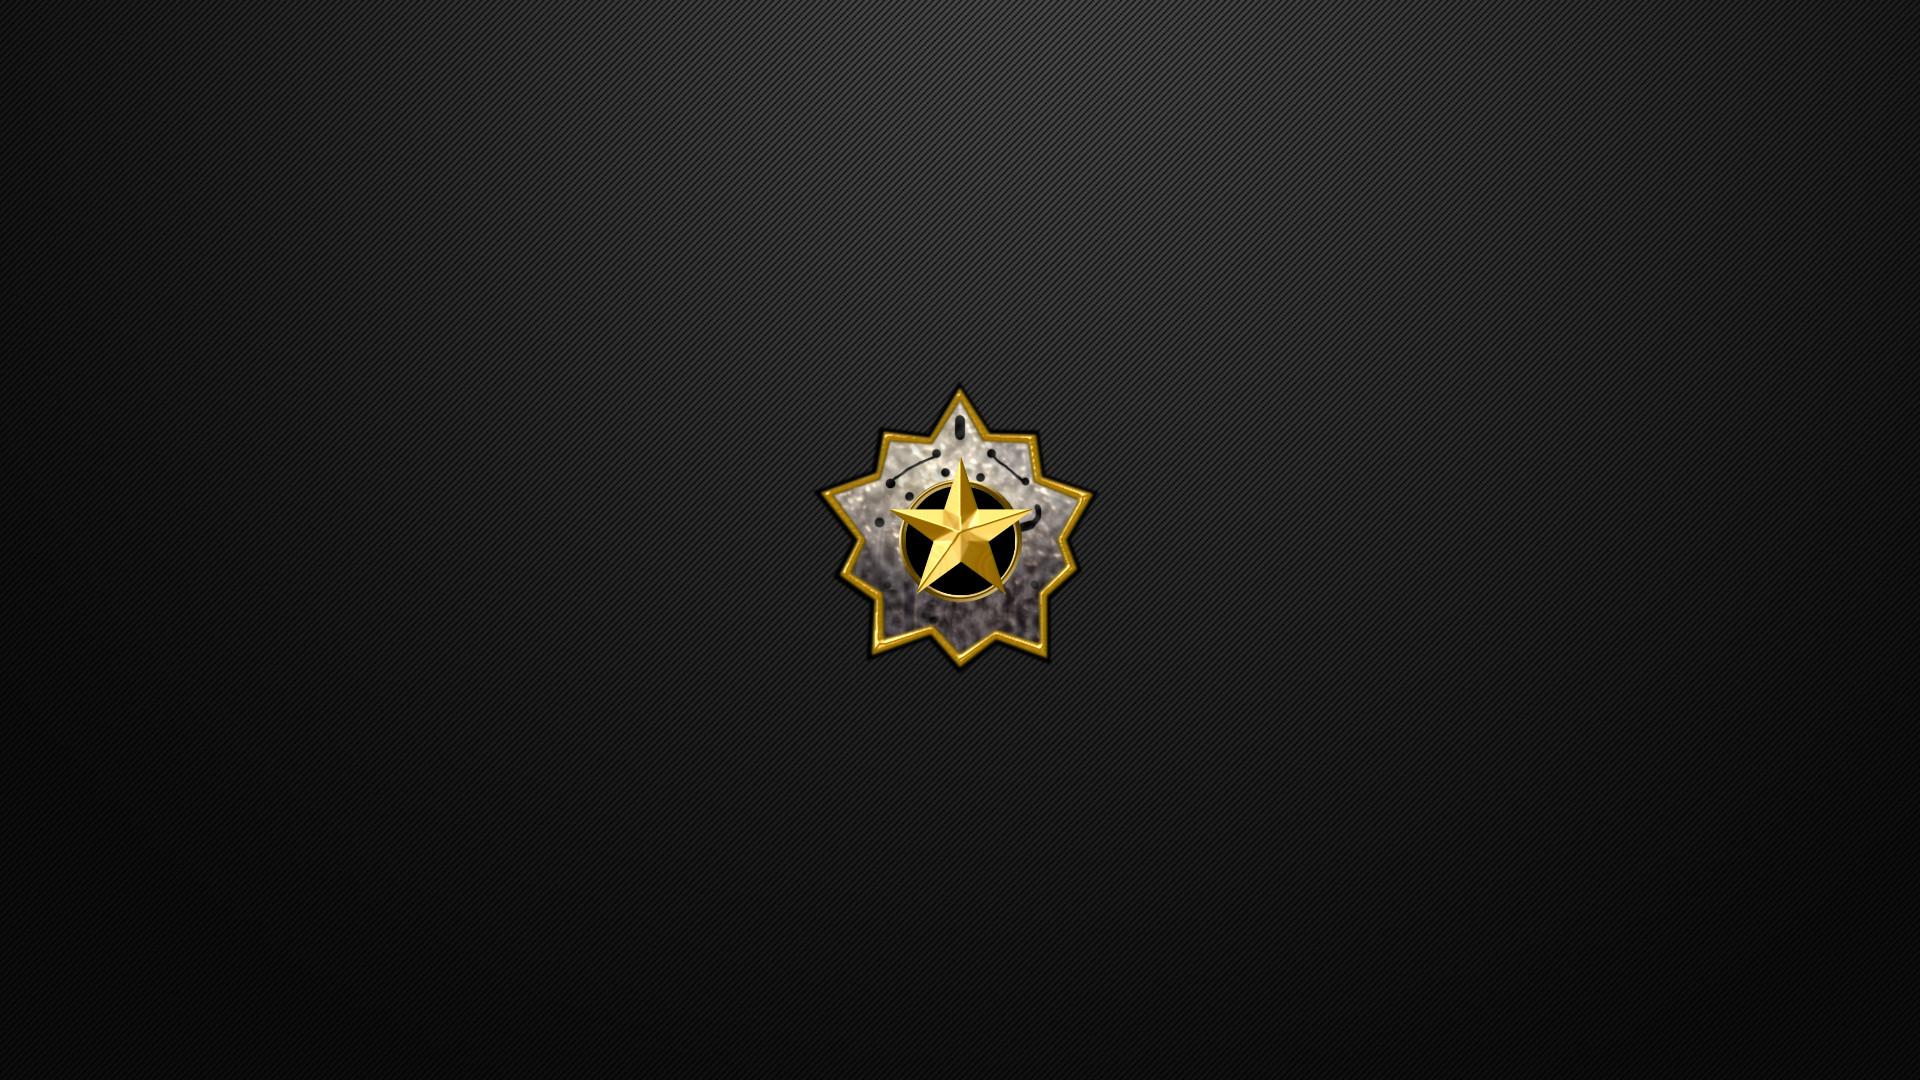 Cs Rank Distinguished Master Guardian HD Wallpaper 1920x1080 1920x1080